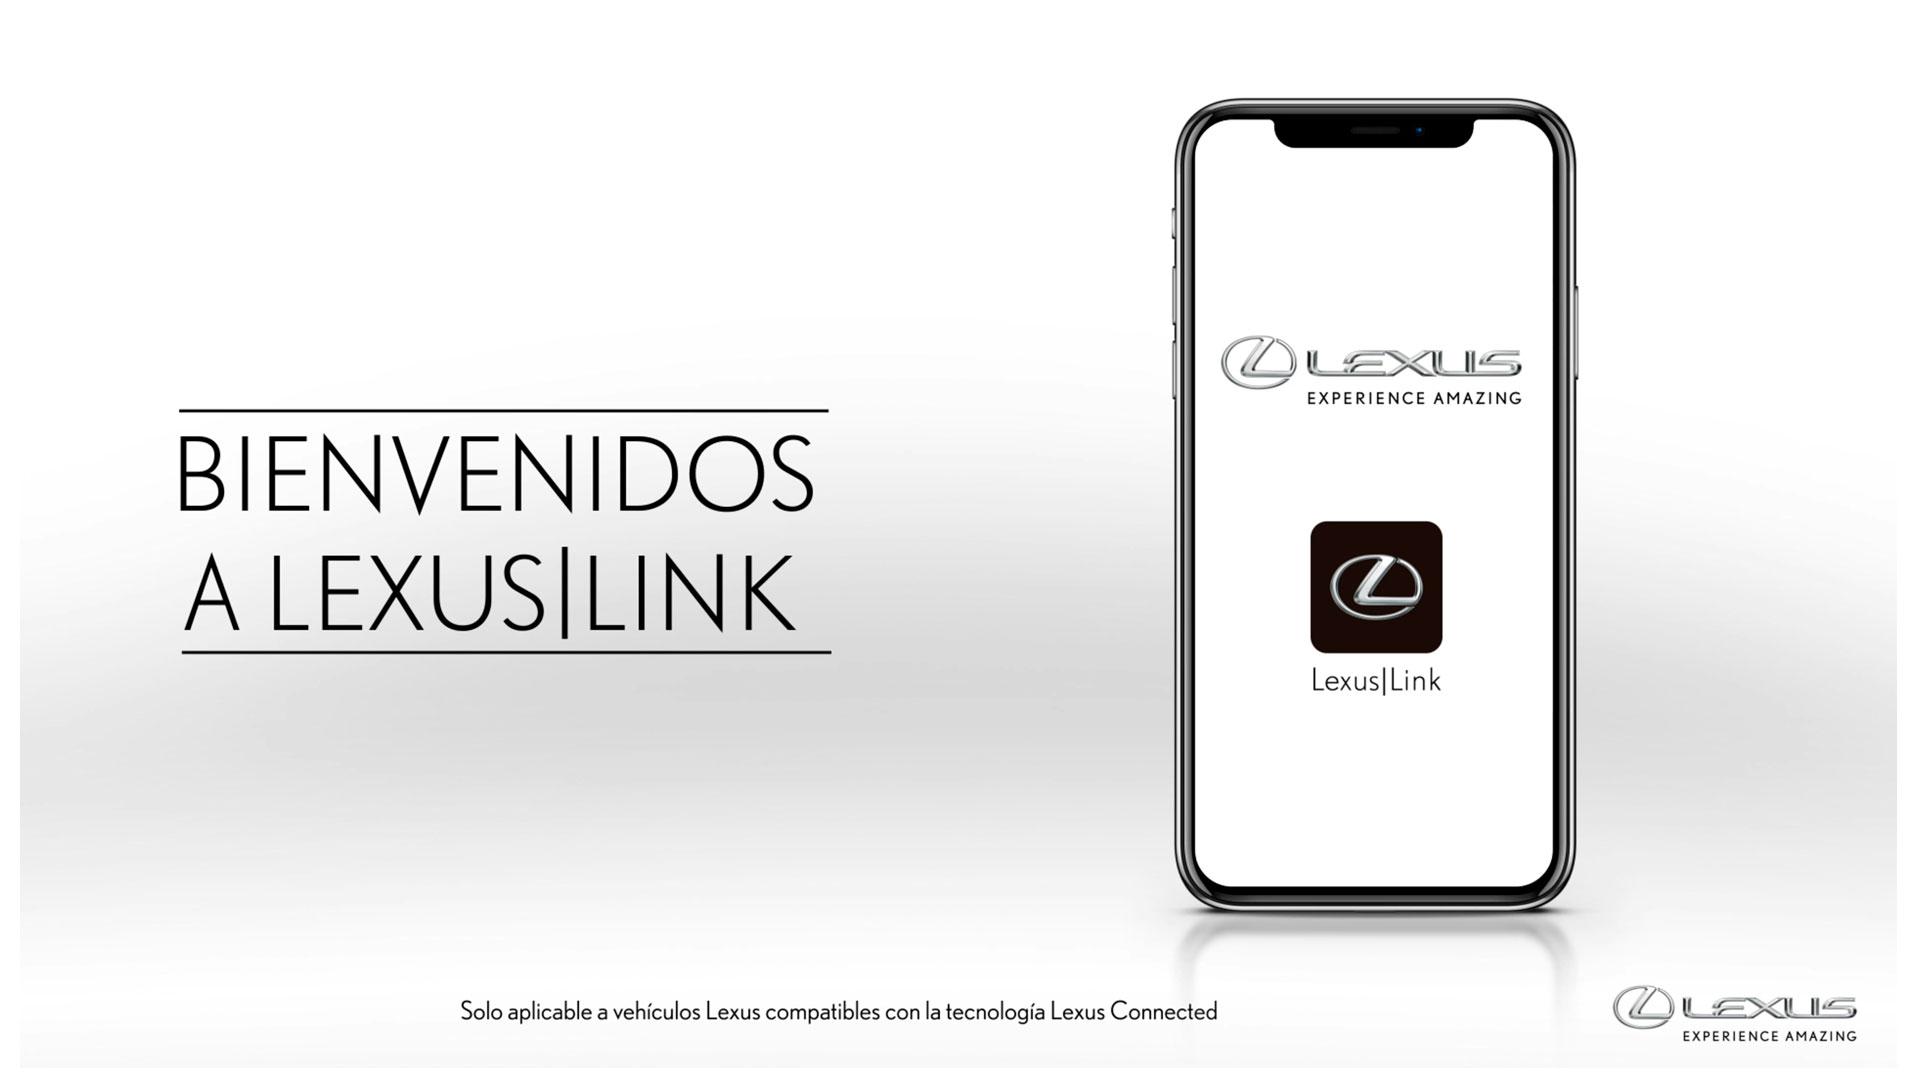 Lexus Link hero asset